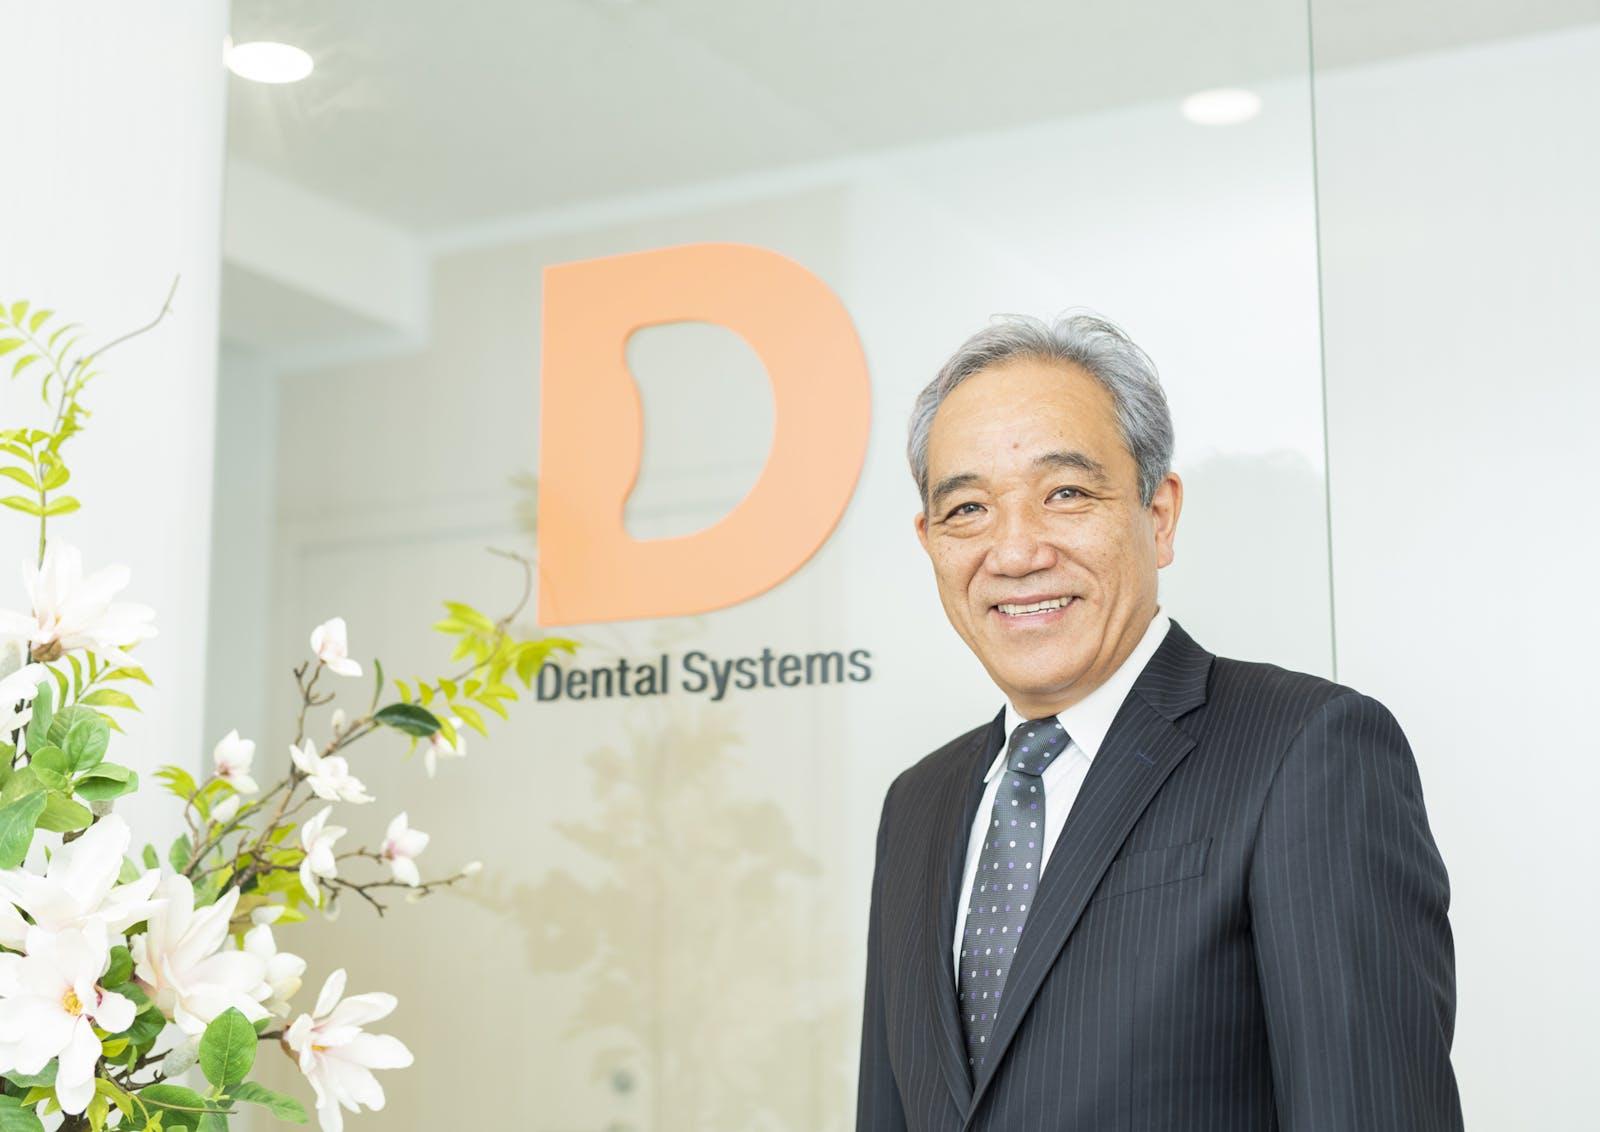 デンタルシステムズ株式会社のアイキャッチ画像